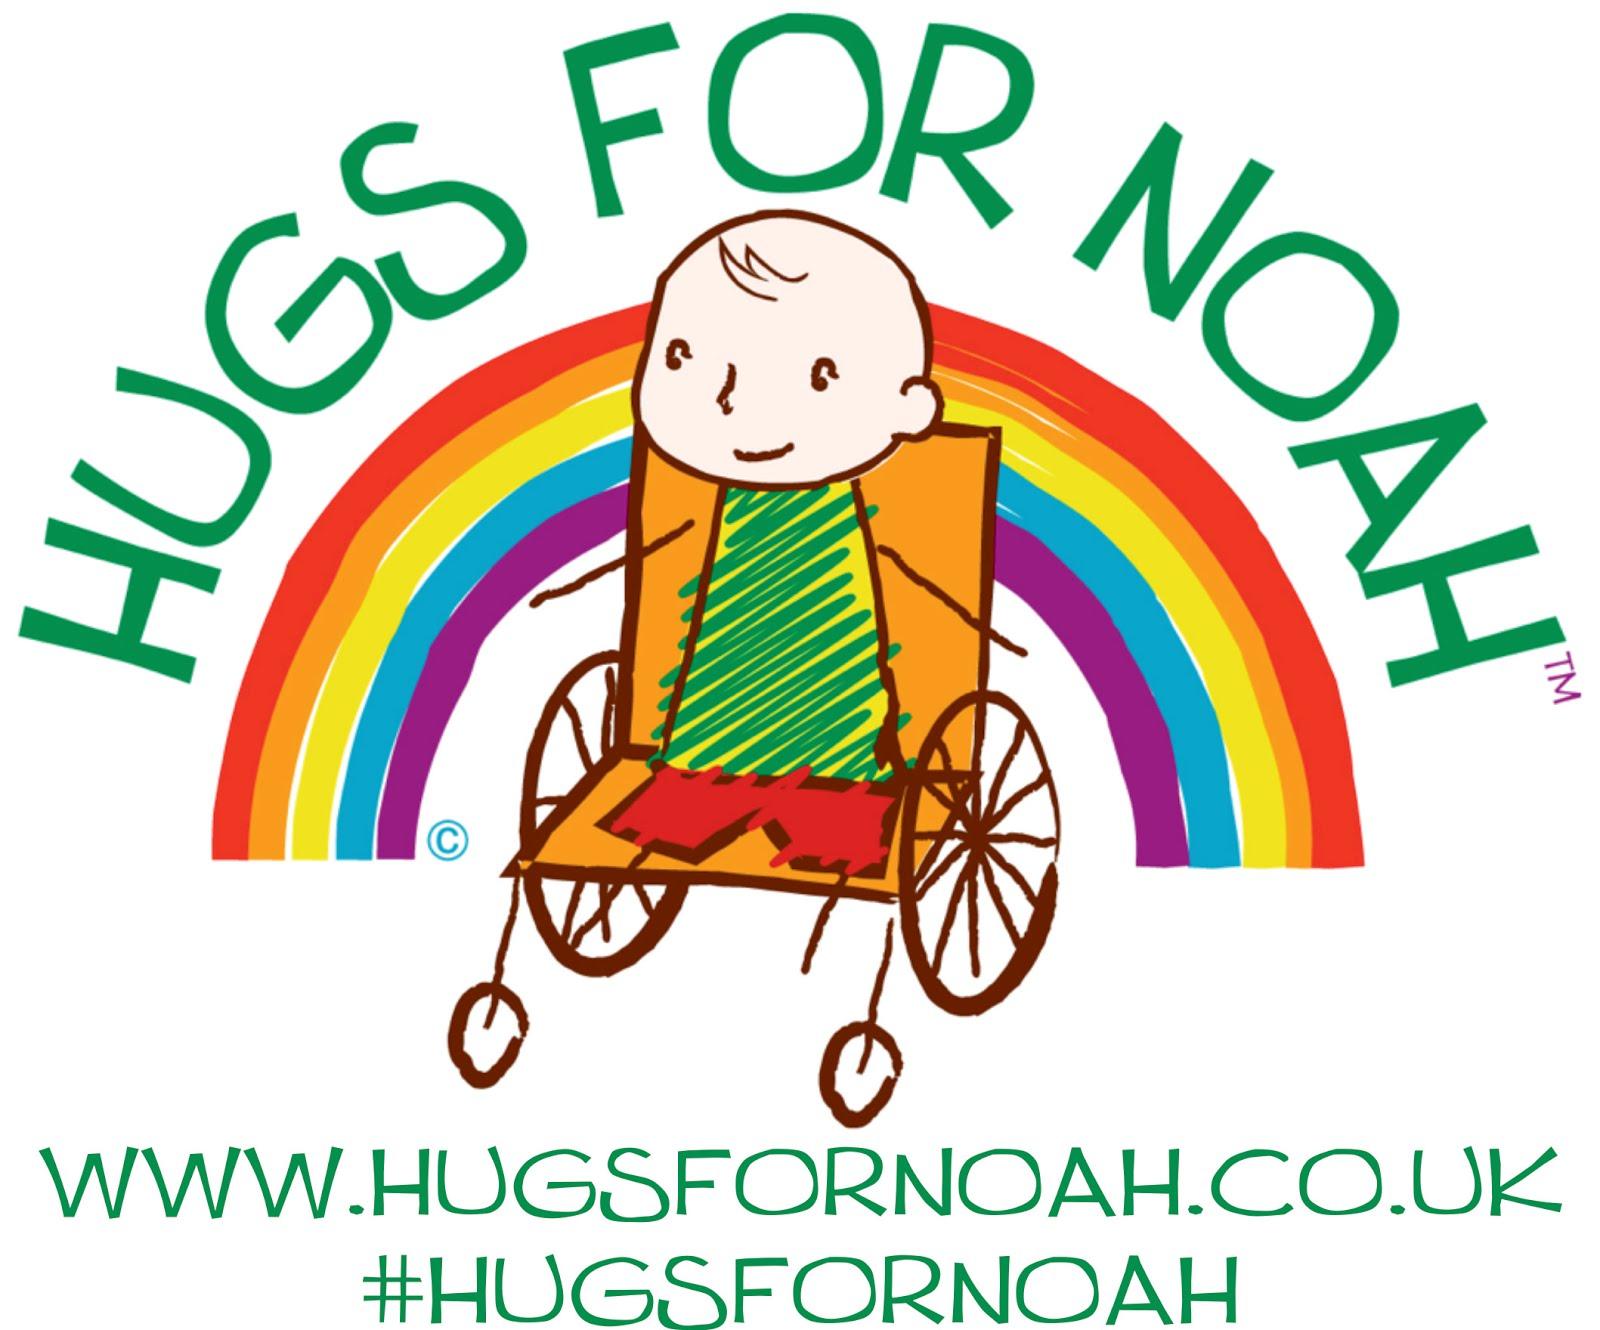 Noah's website